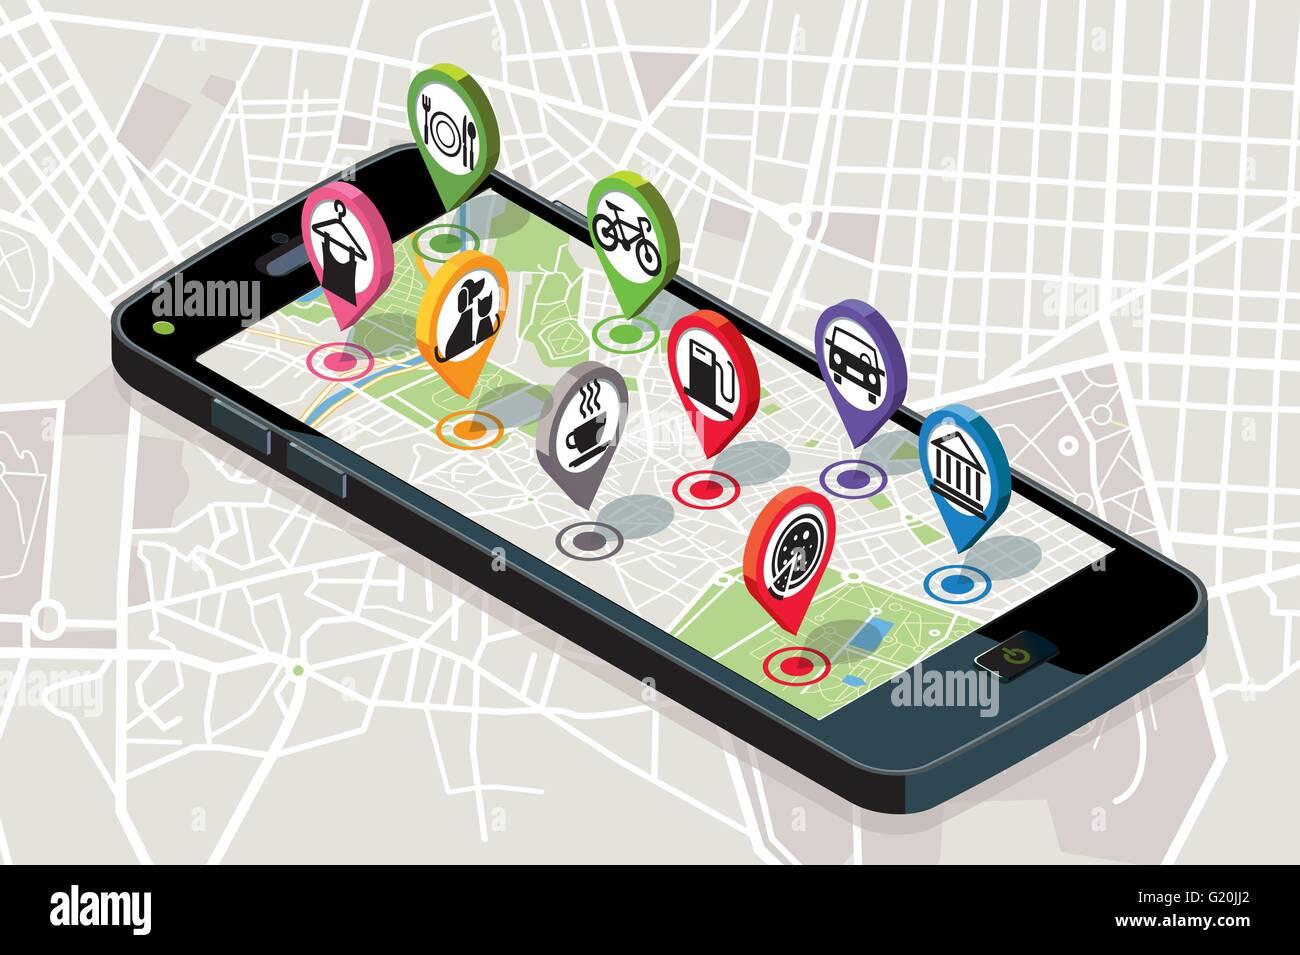 Carte de la ville avec icônes de services GPS. Smartphone. Sur l'écran il une carte vectorielle de Photo Stock